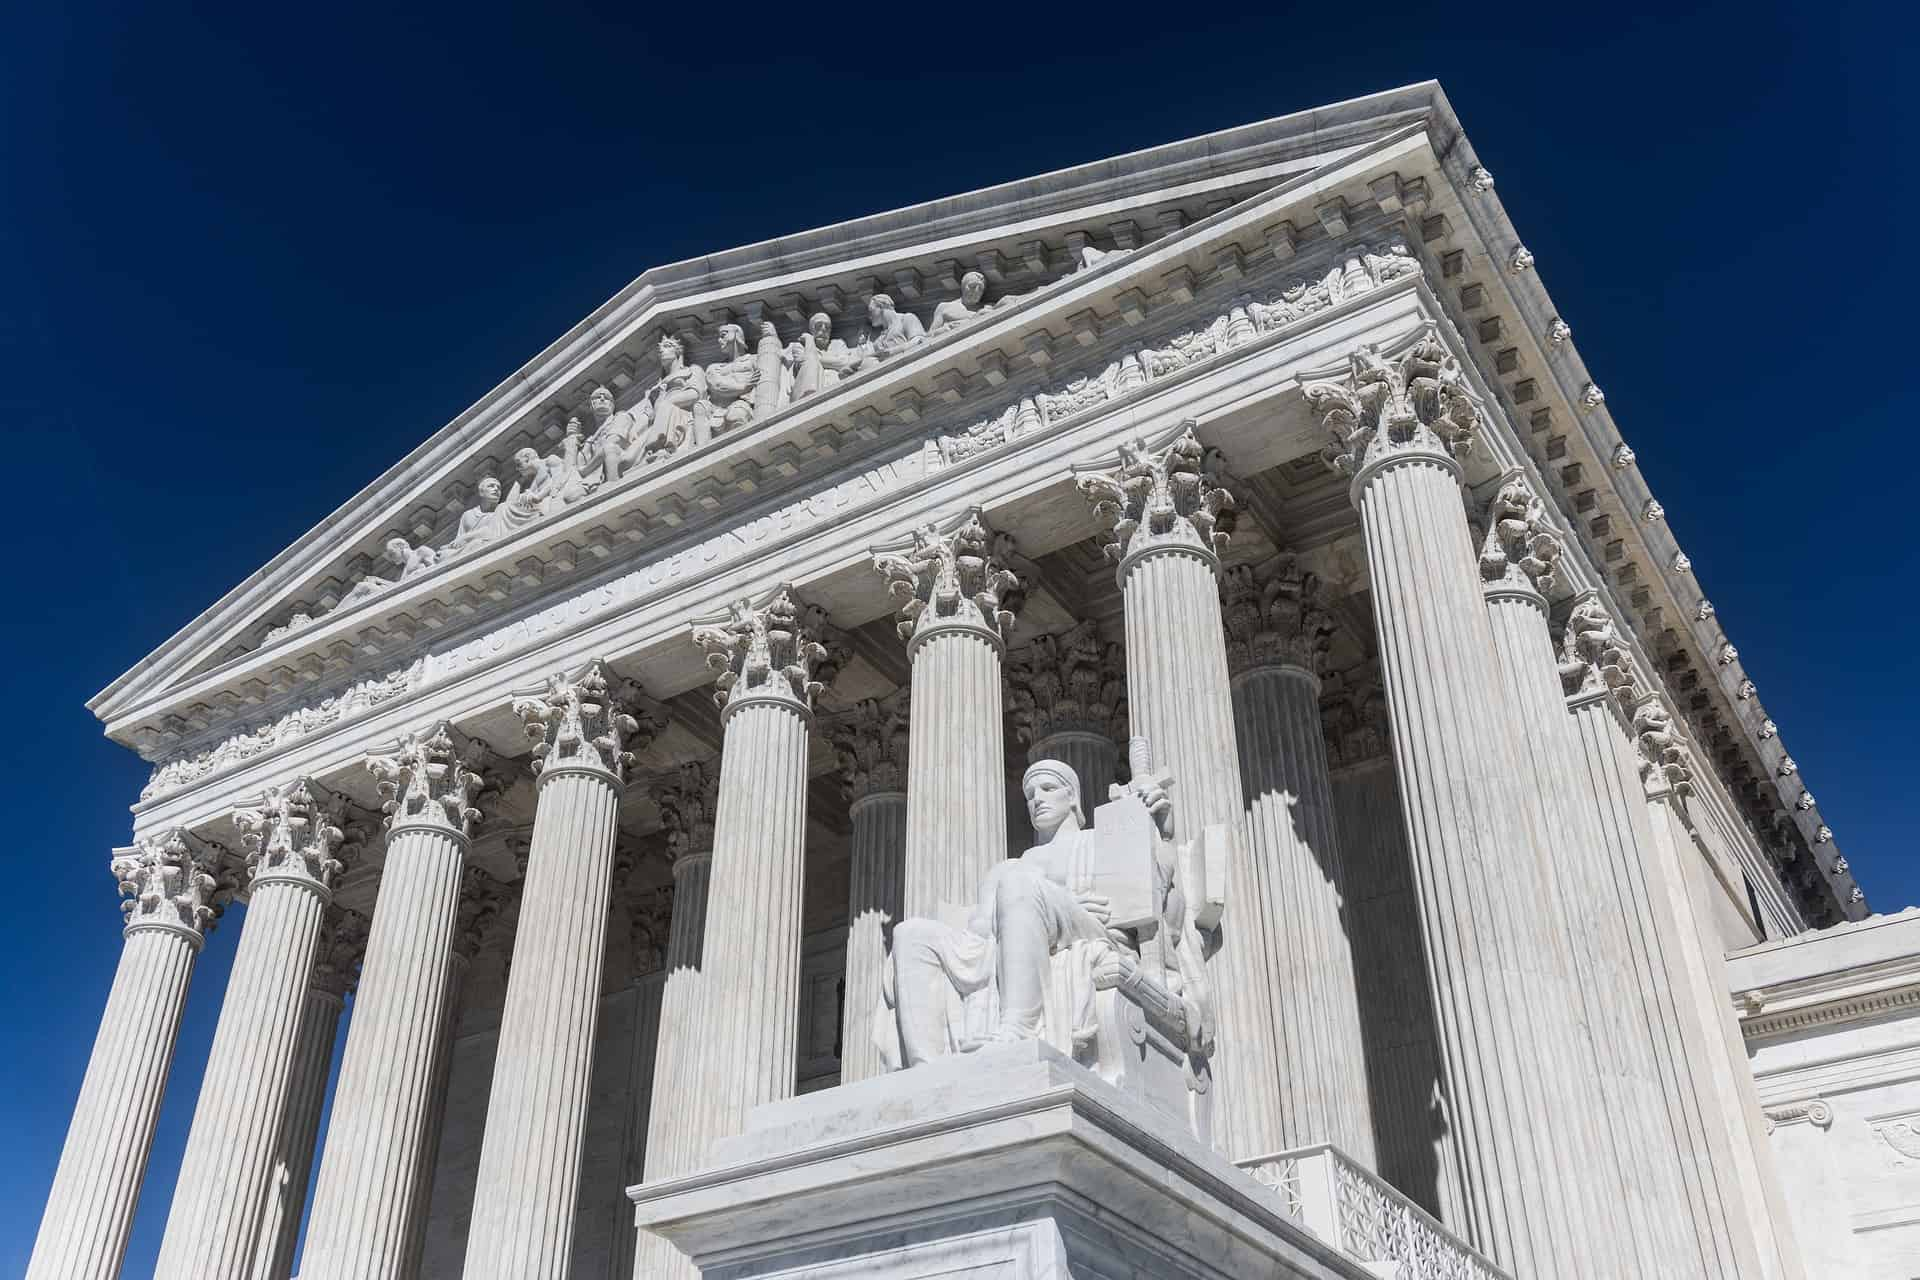 us-supreme-court-building-2225766_1920